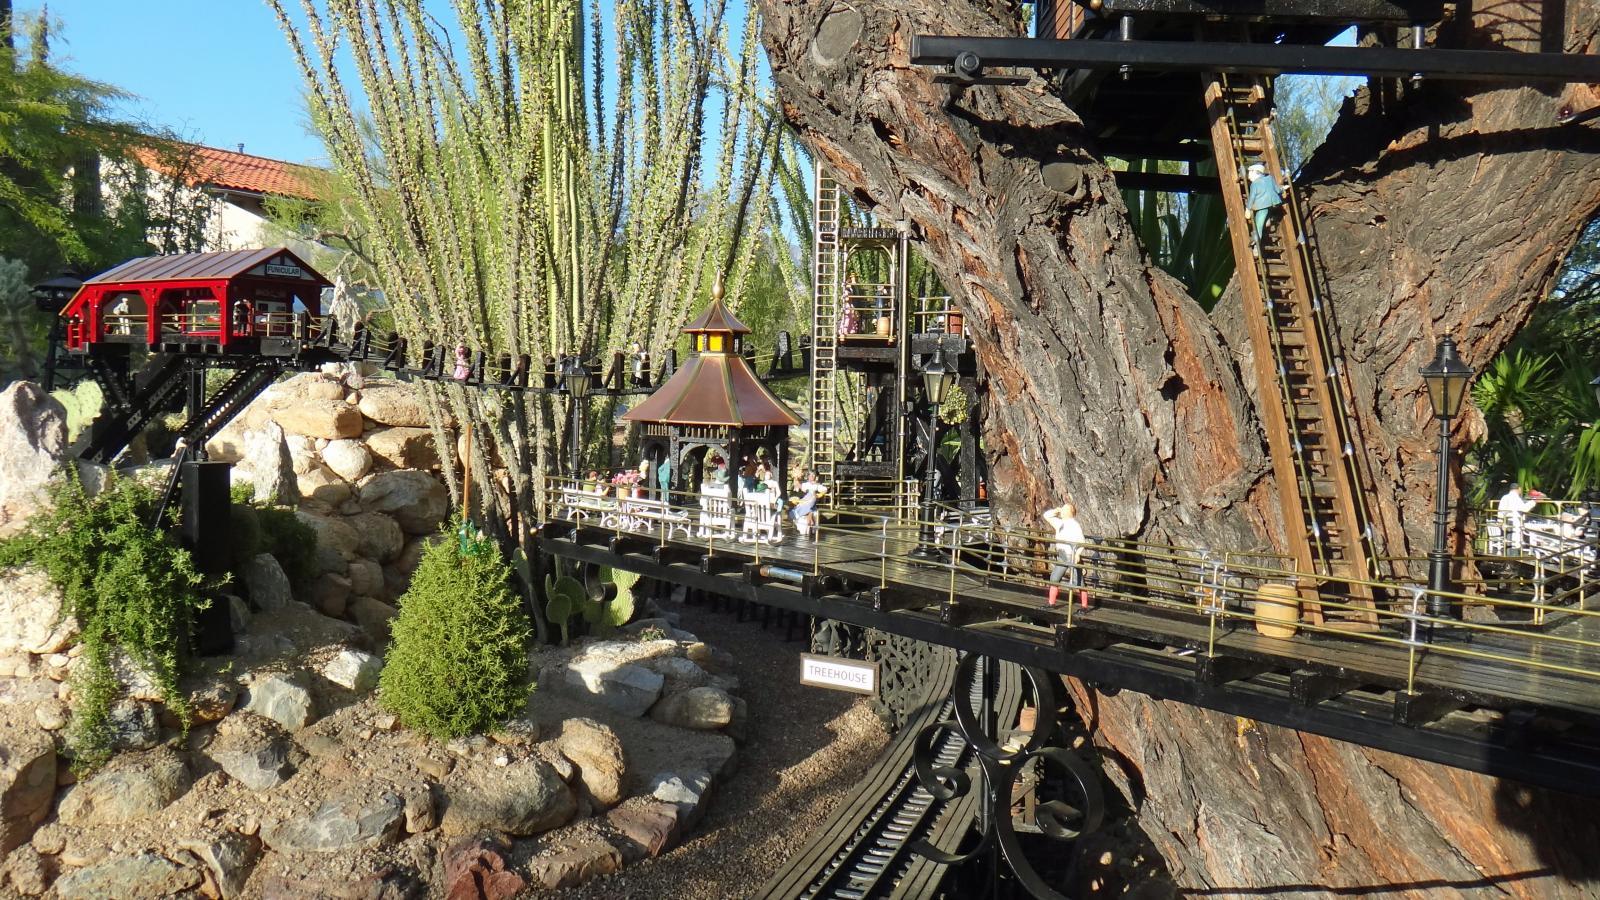 Garden Railway Treehouse Remodeled-48.JPG